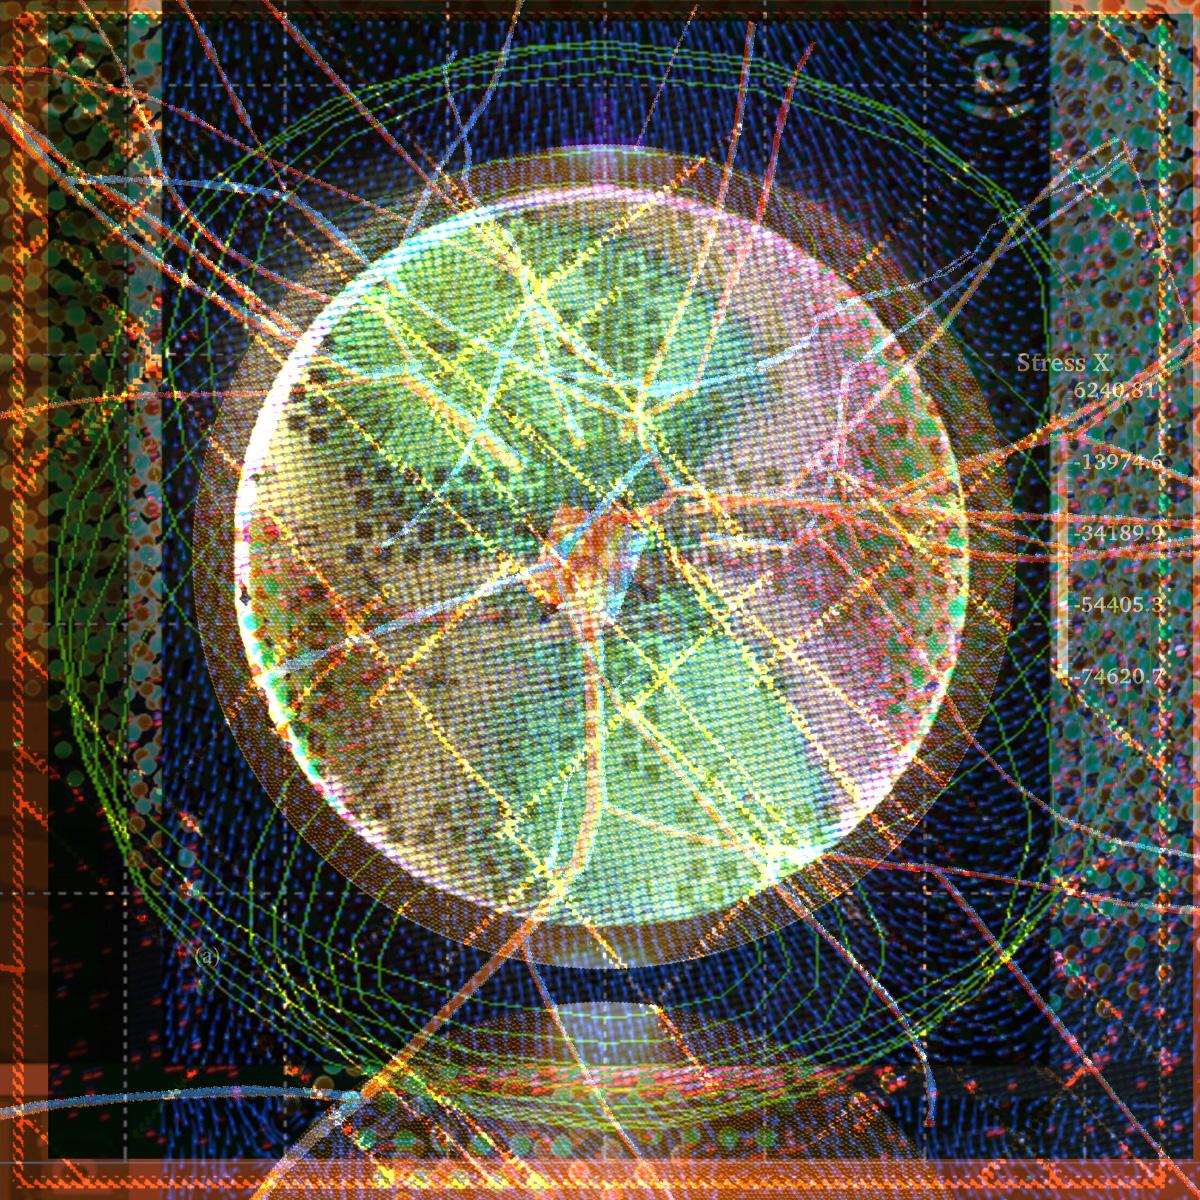 03_REDO_15_06_noosphereWTF_05_002 copy.jpg